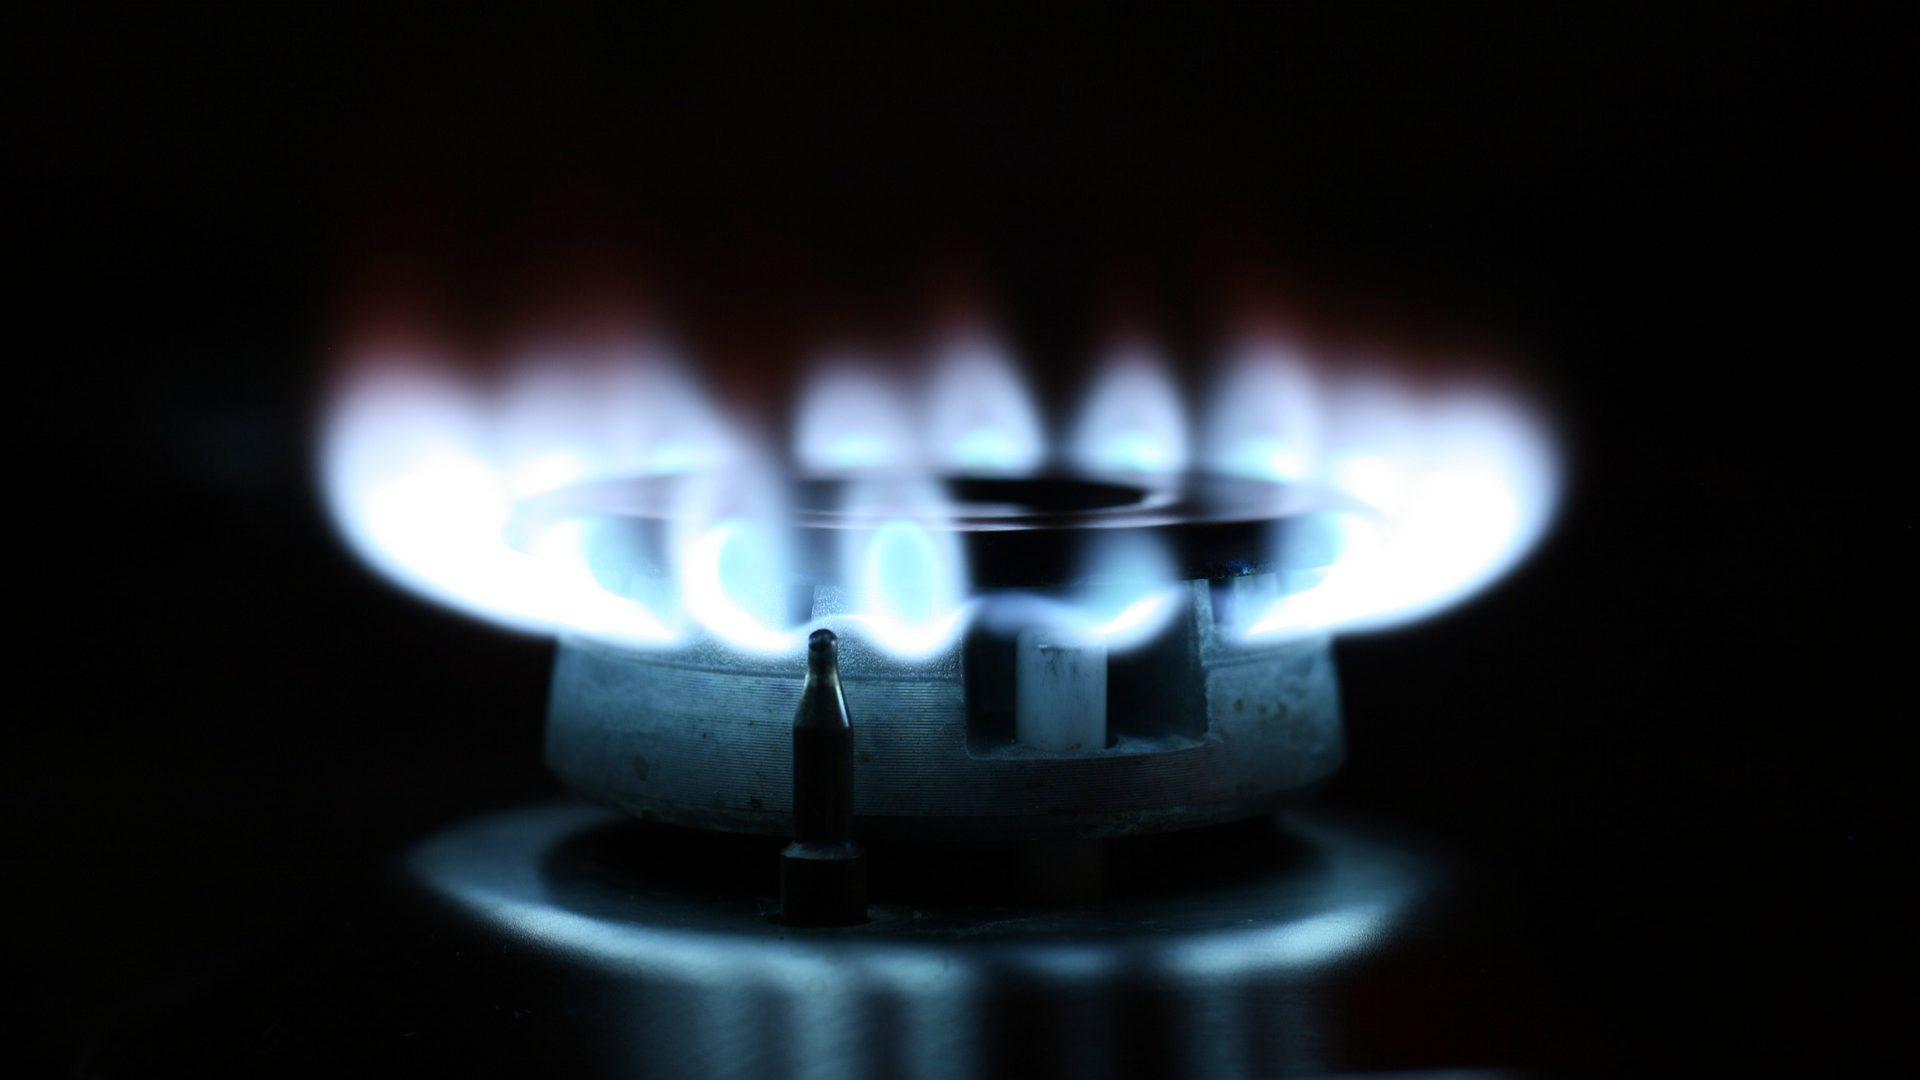 PS propõe criação de tarifa solidária para o gás de botija